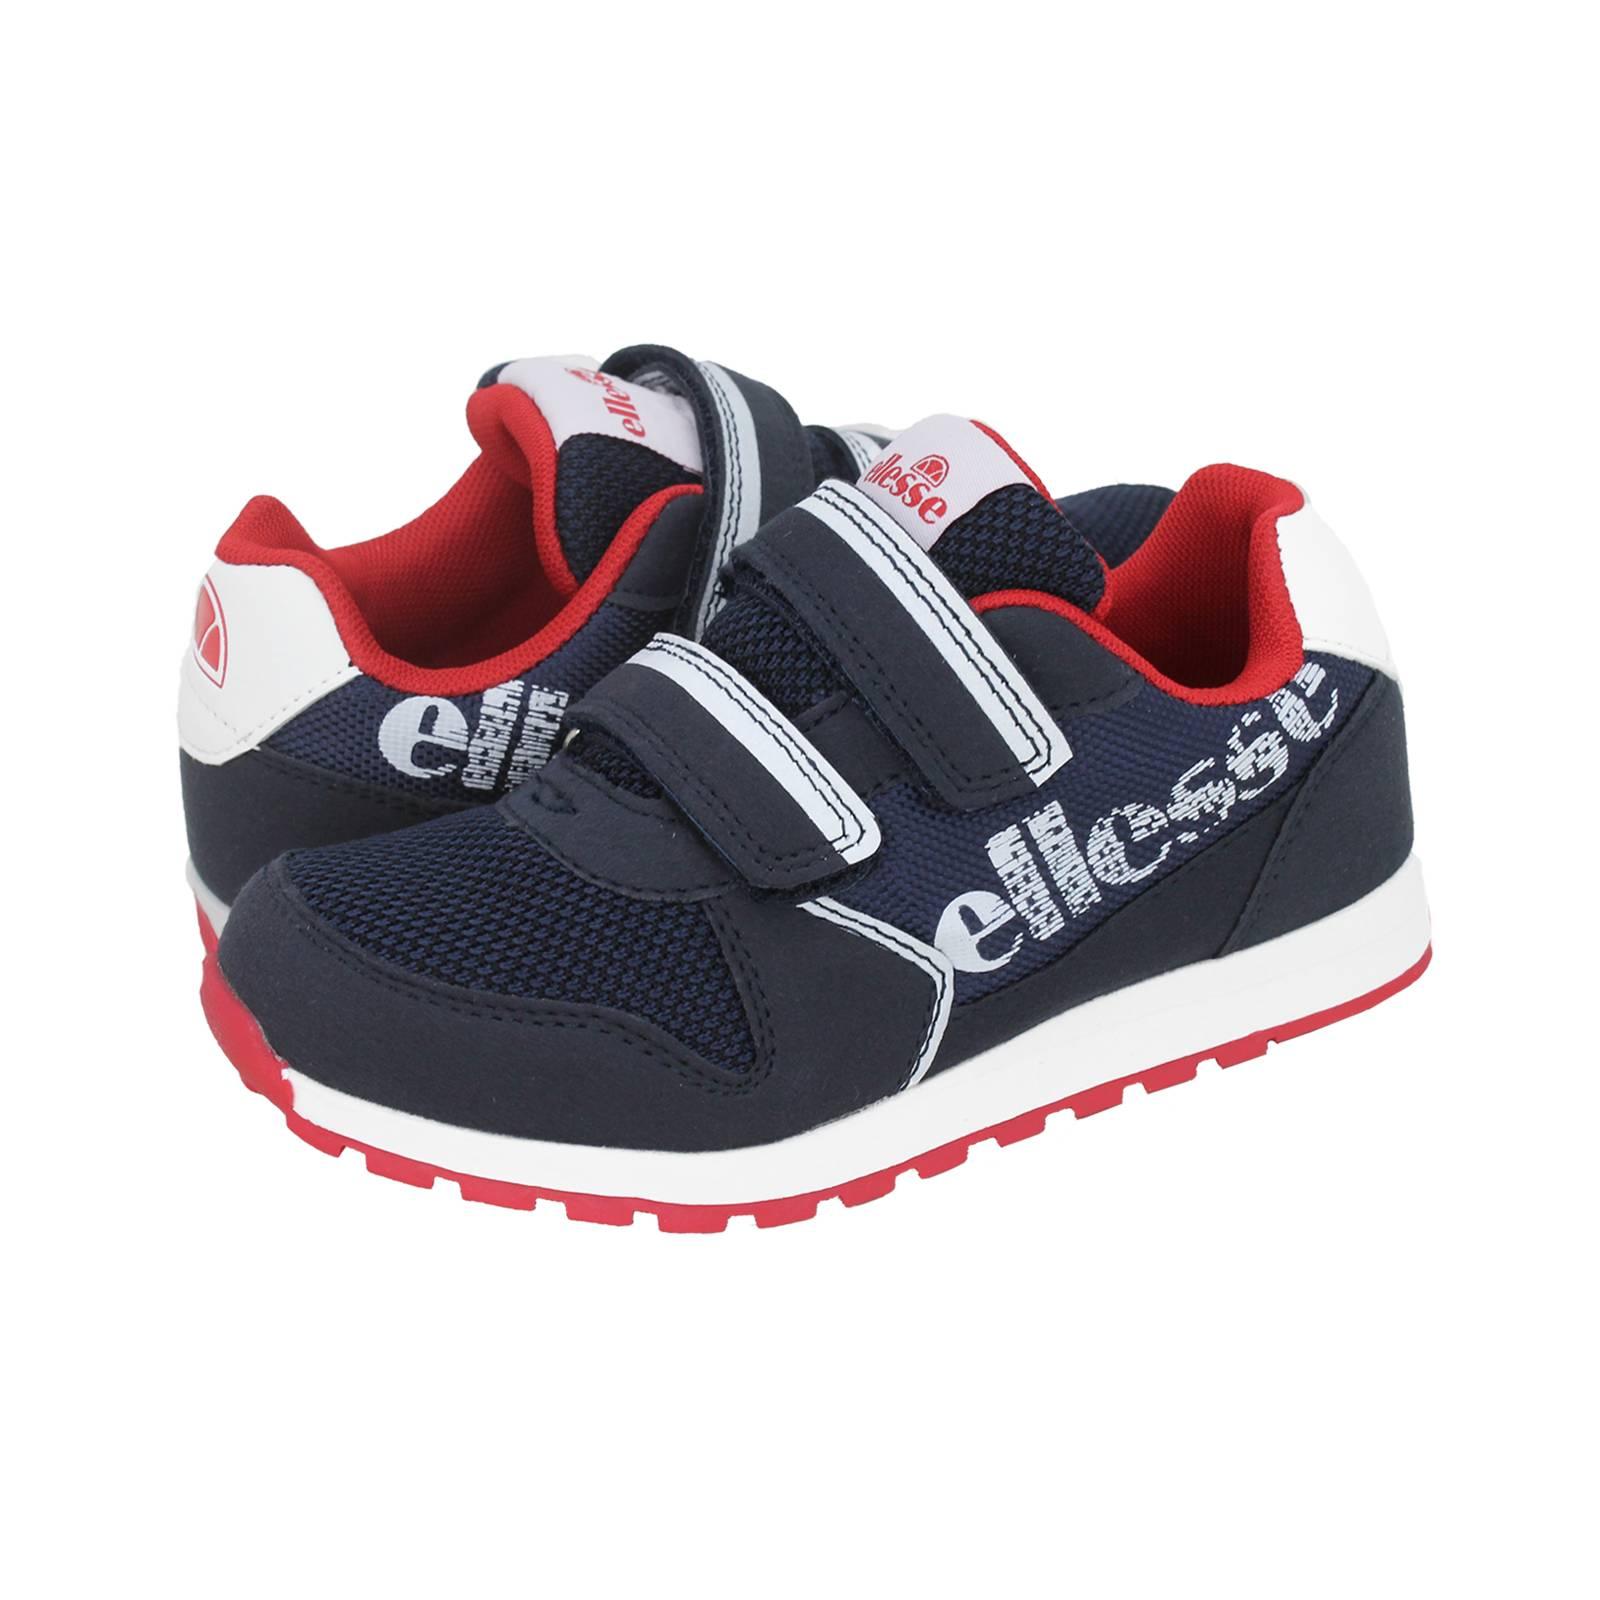 2151908aa3c Αθλητικά Παιδικά Παπούτσια Ellesse HB-ELS05